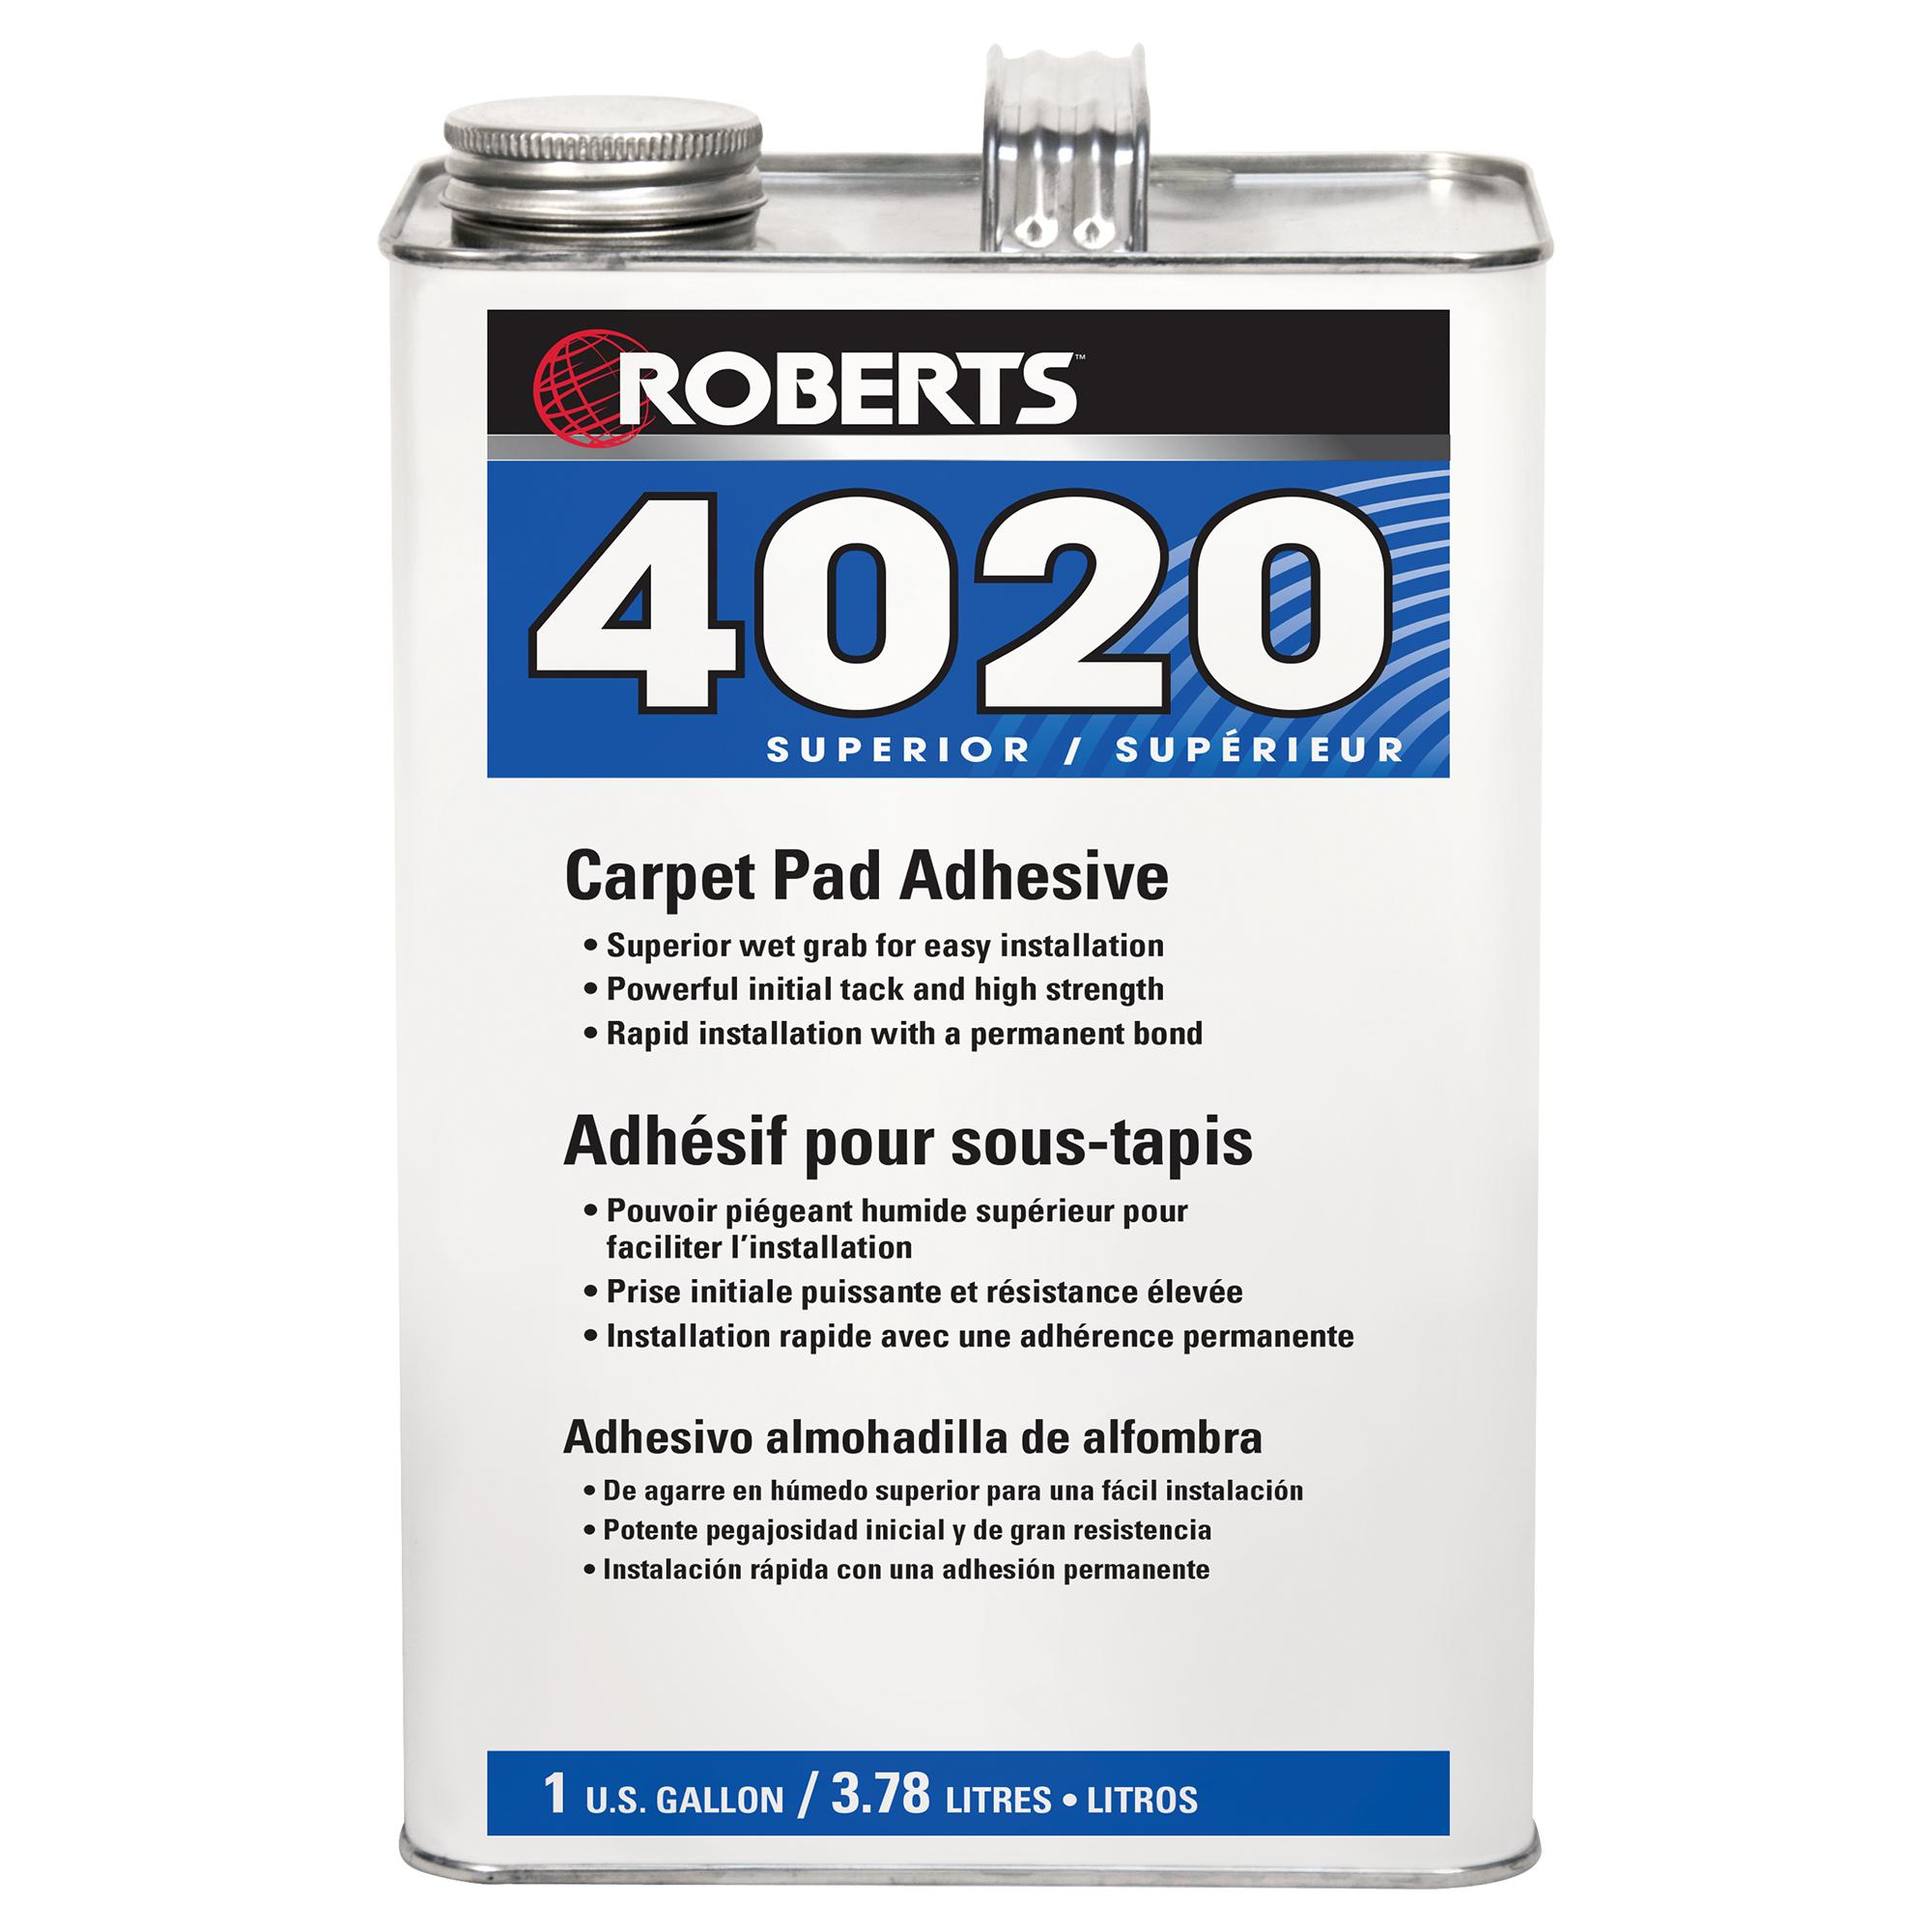 Carpet Pad Adhesive